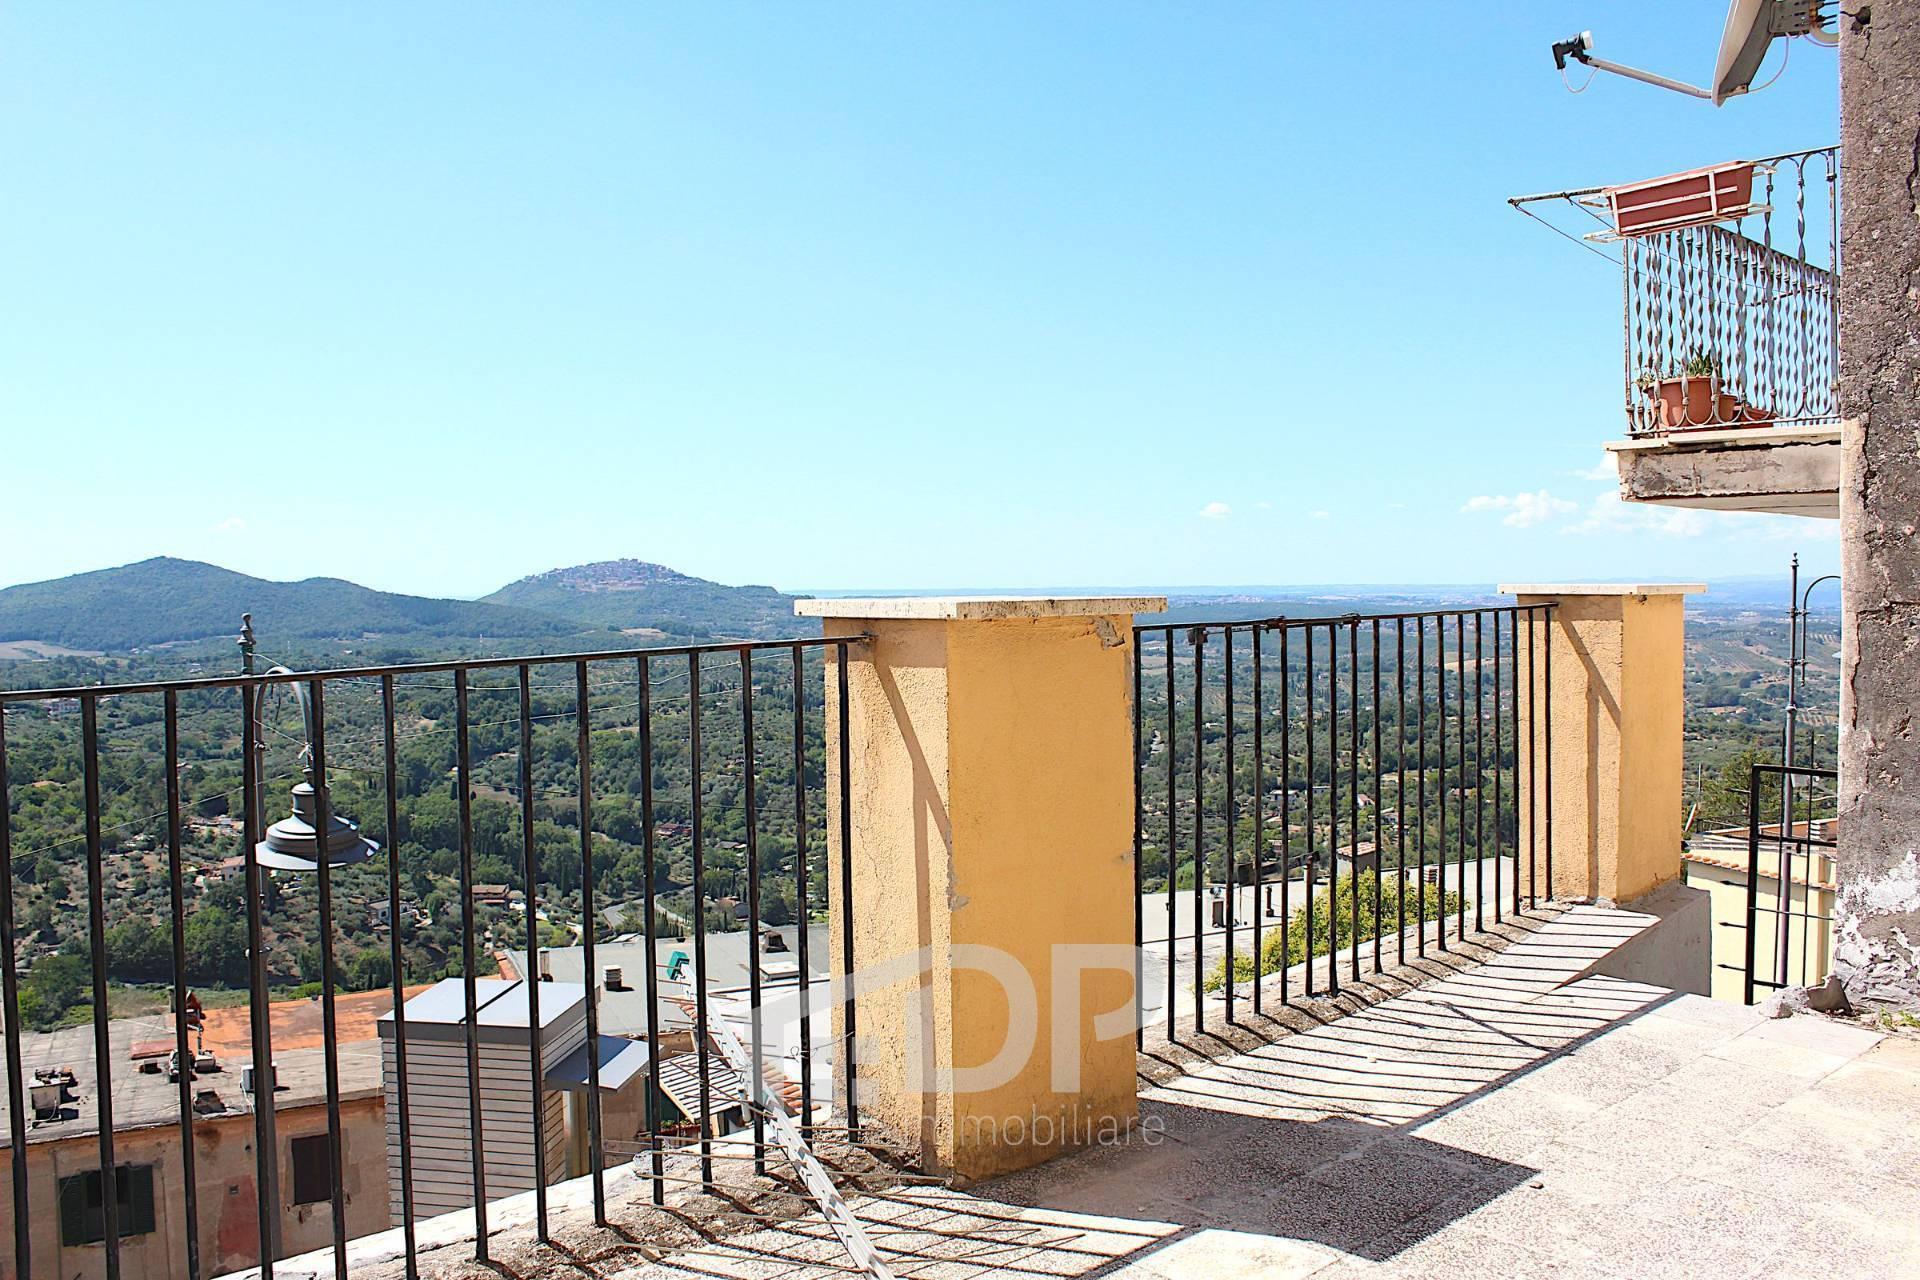 Appartamento in vendita a Palombara Sabina, 2 locali, zona Località: CentroStorico, prezzo € 32.000 | PortaleAgenzieImmobiliari.it